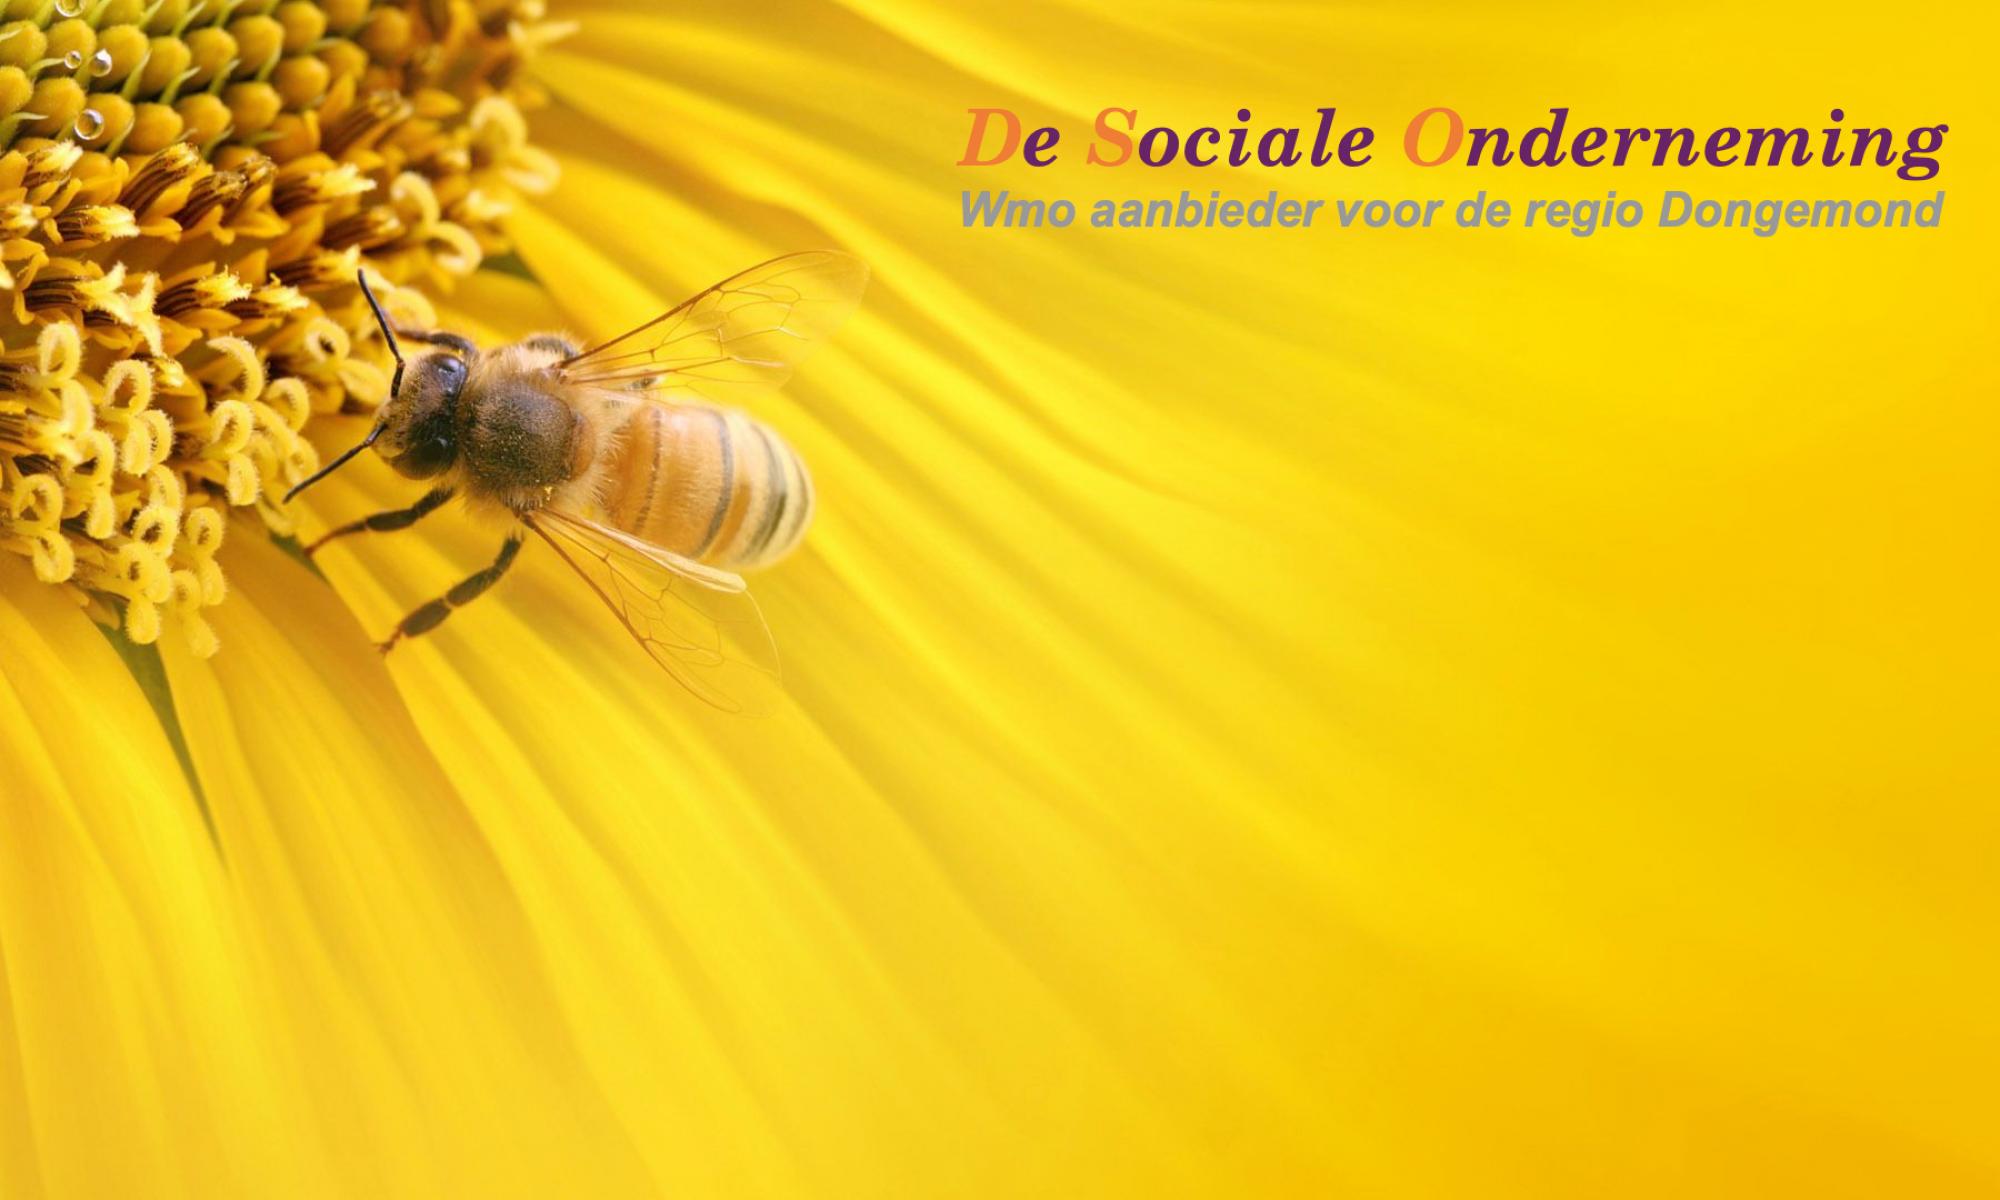 De Sociale Onderneming bv